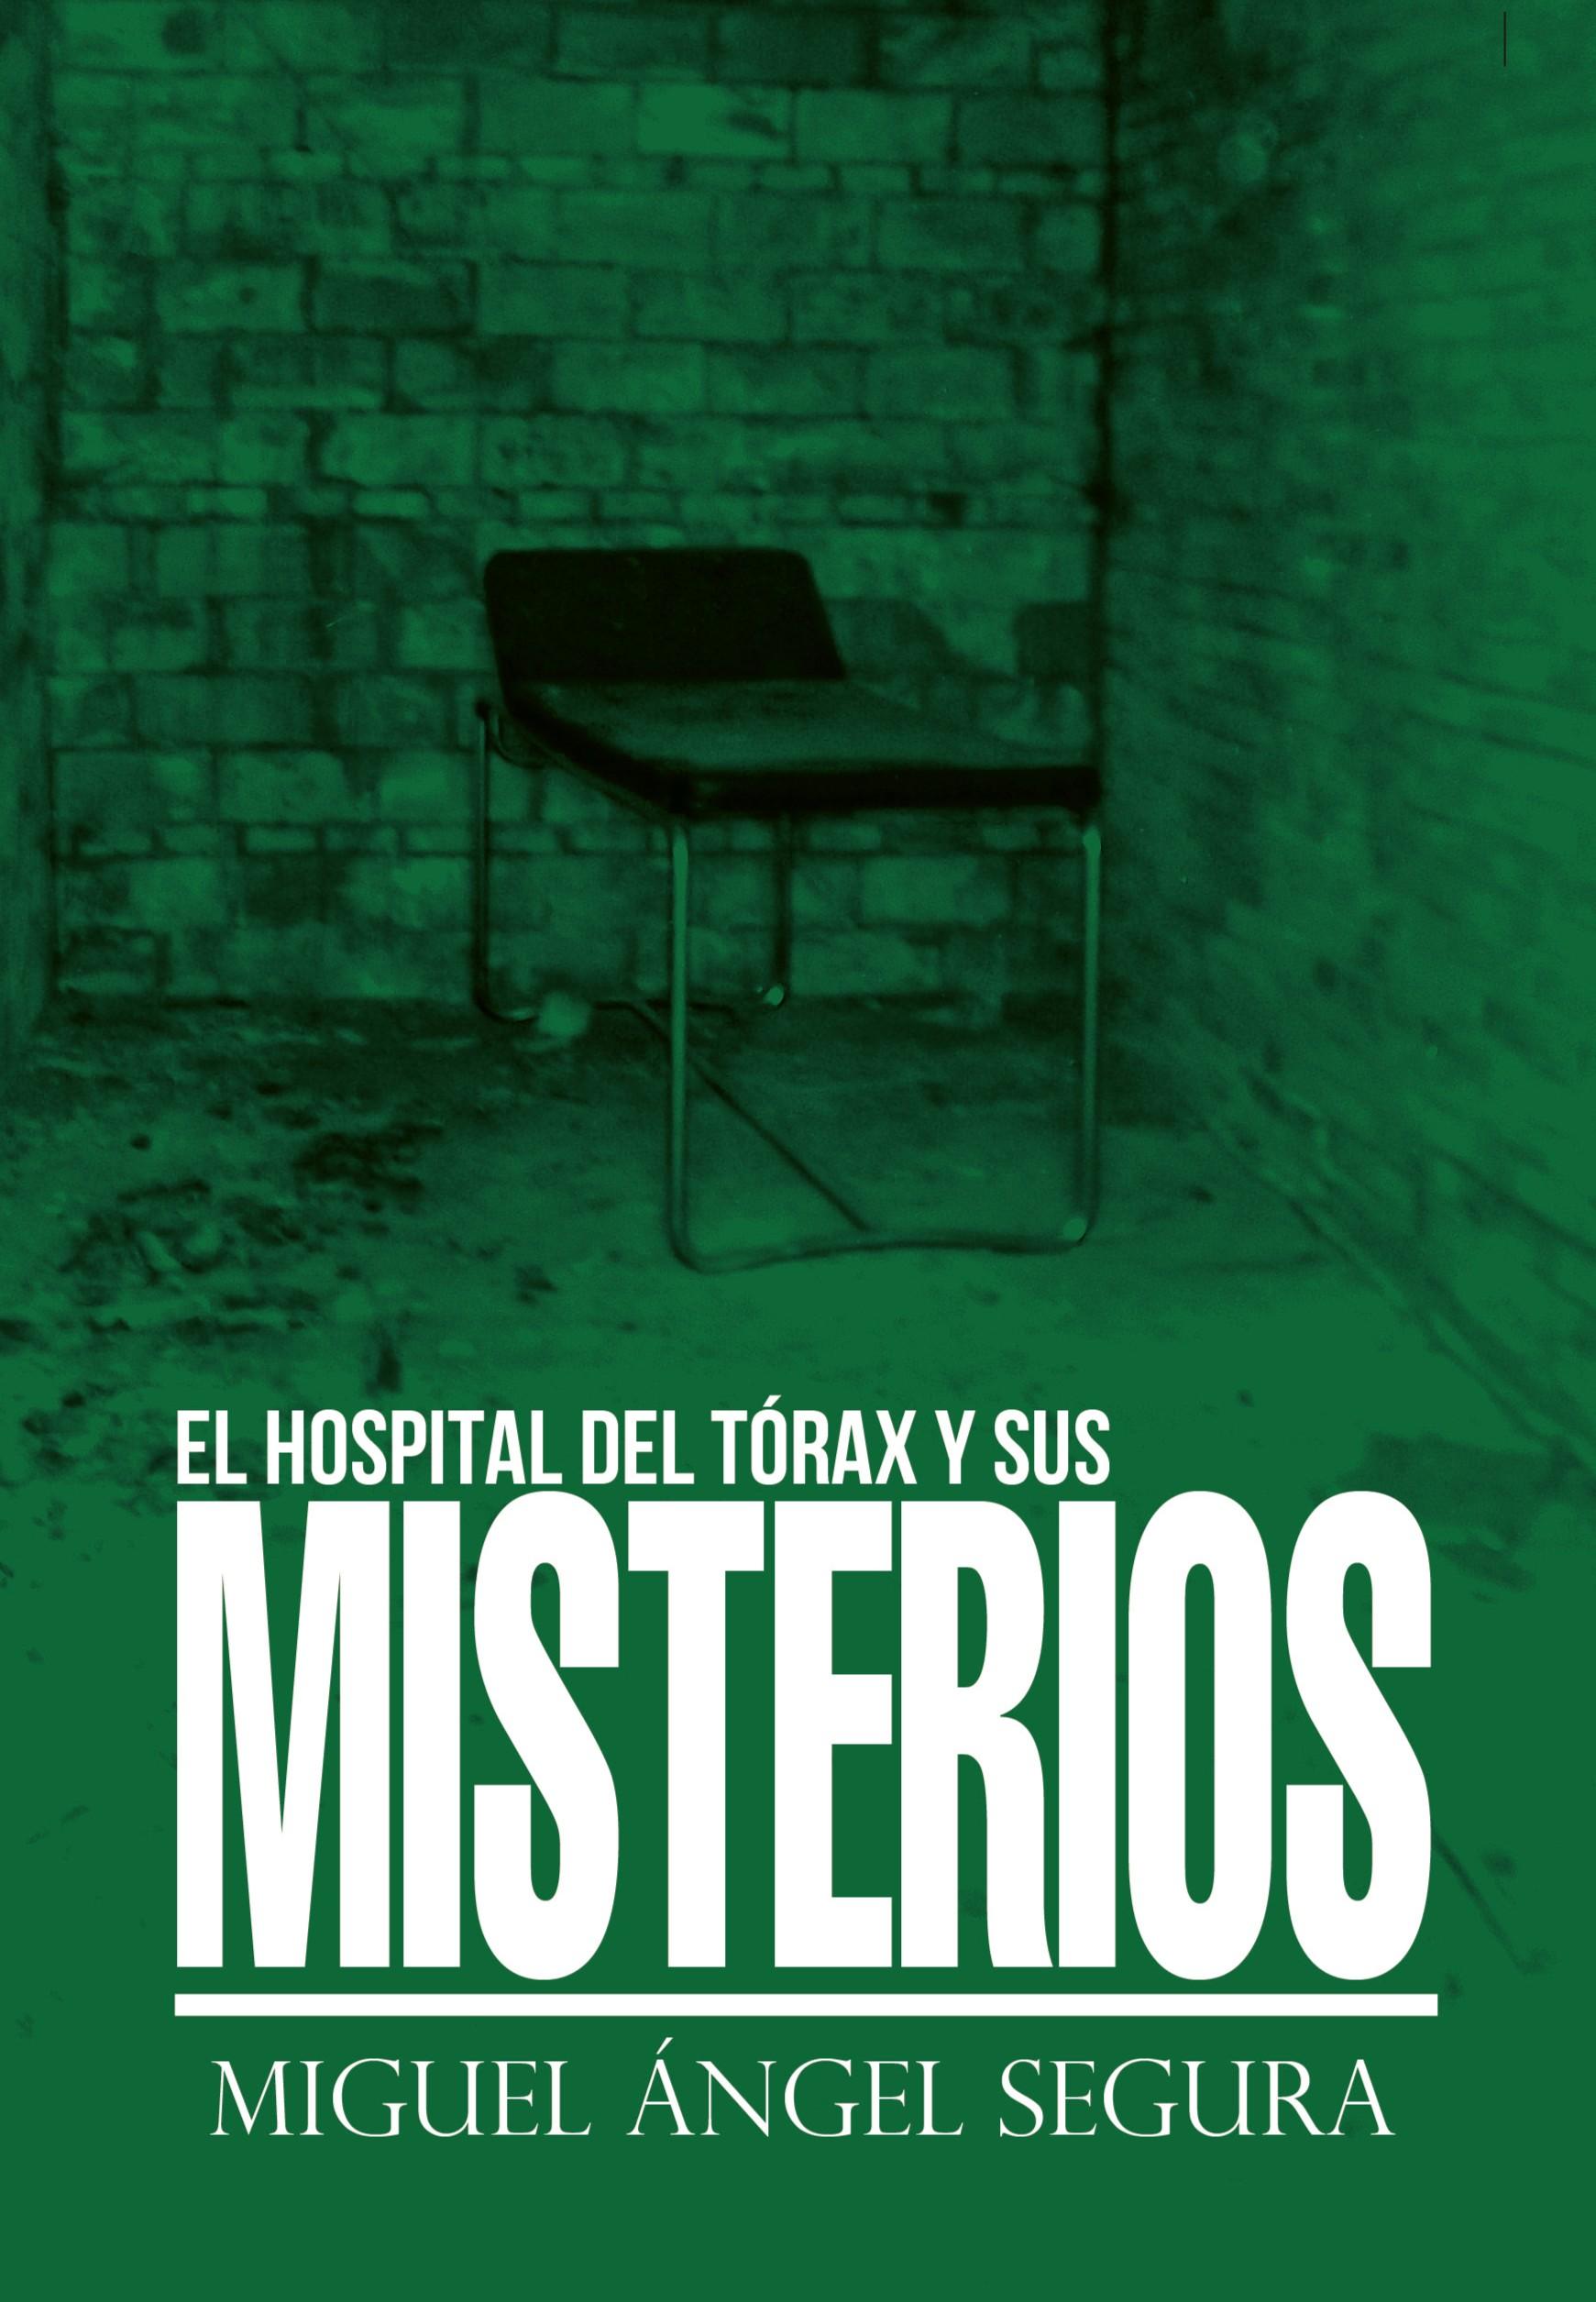 El hospital del Tórax y sus misterios (Editorial Círculo Rojo) nuevo ...